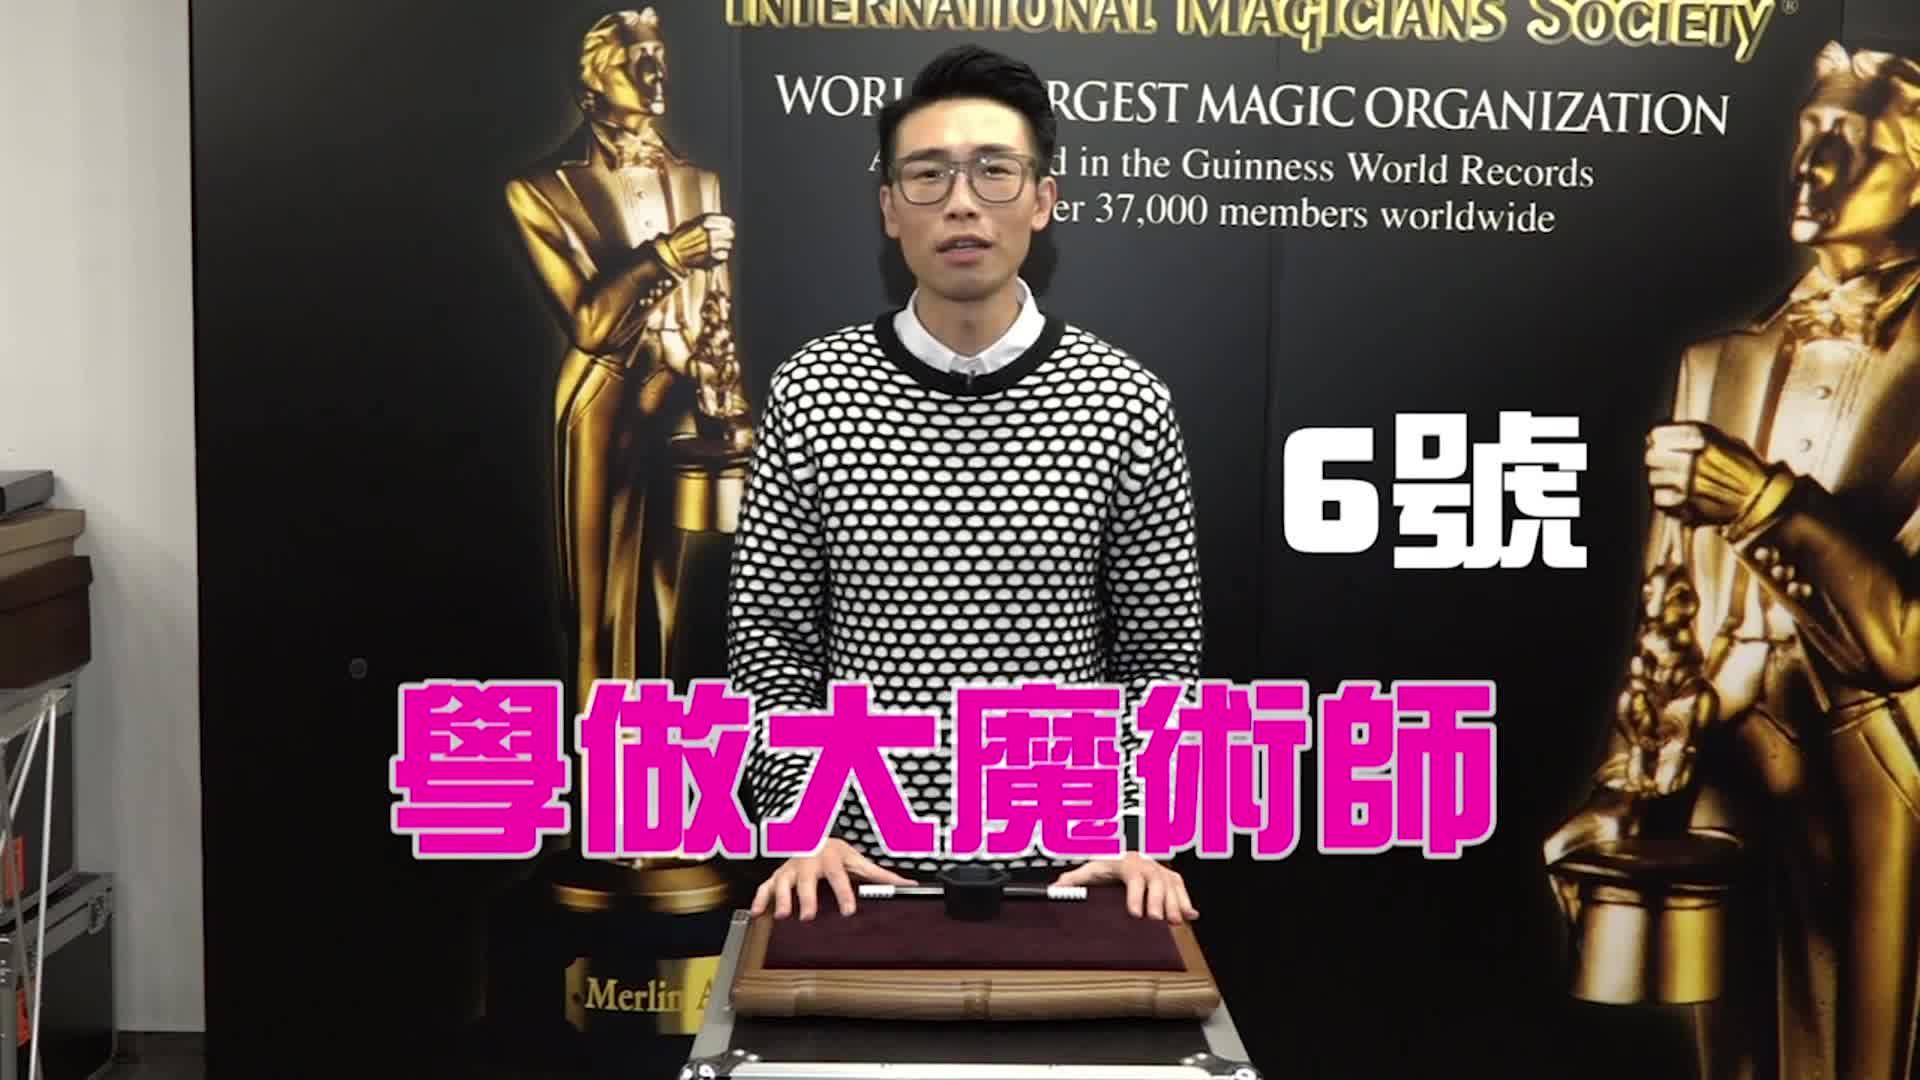 6號學做大魔術師